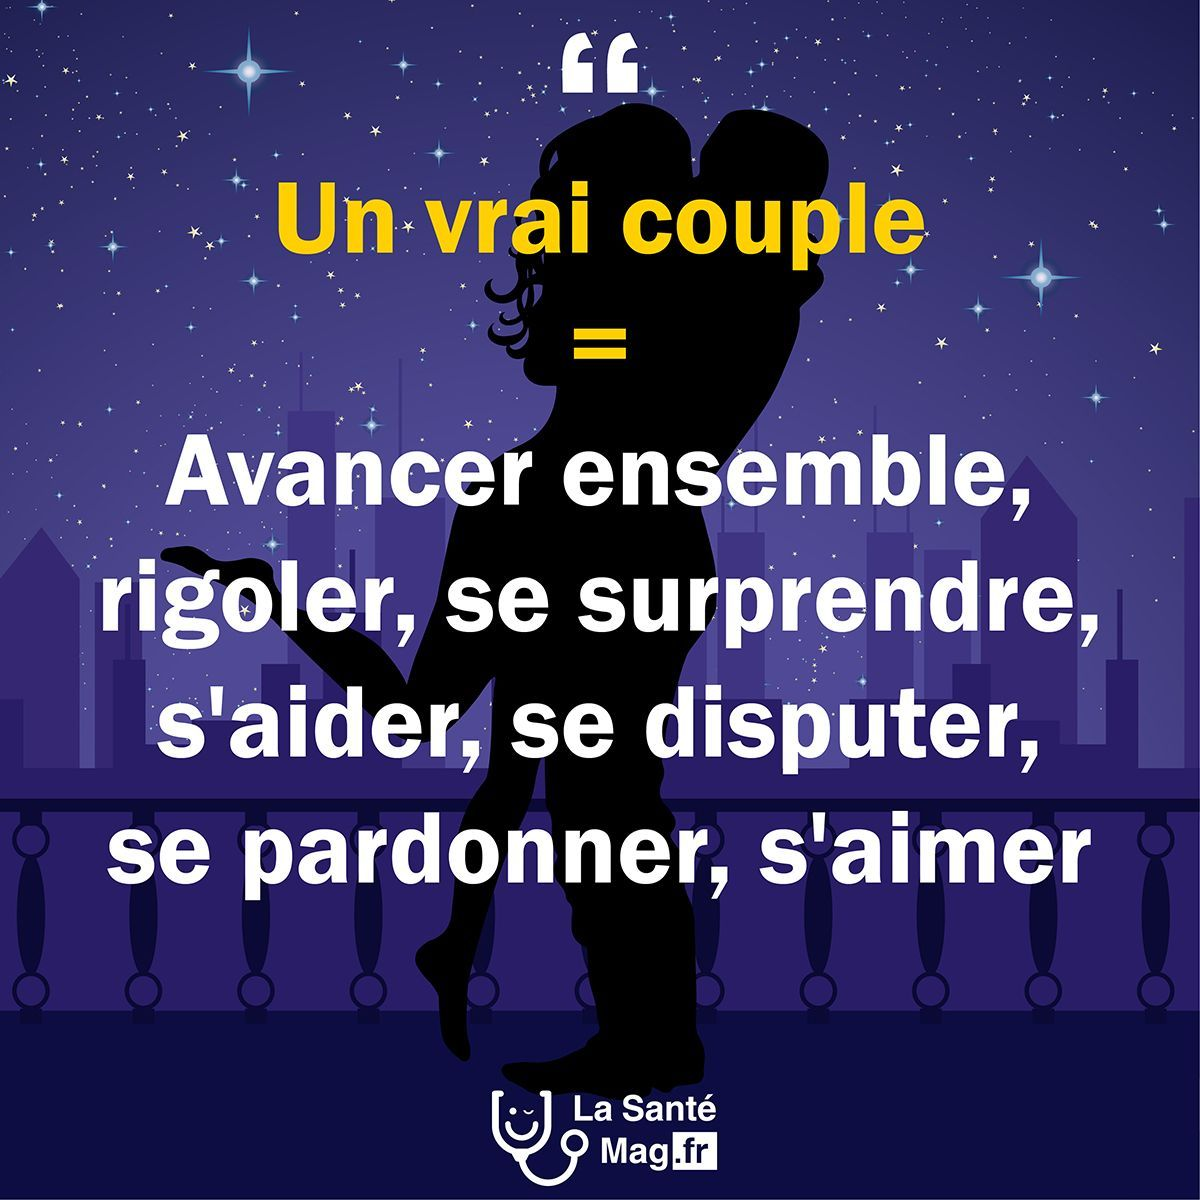 Epingle Sur Couple